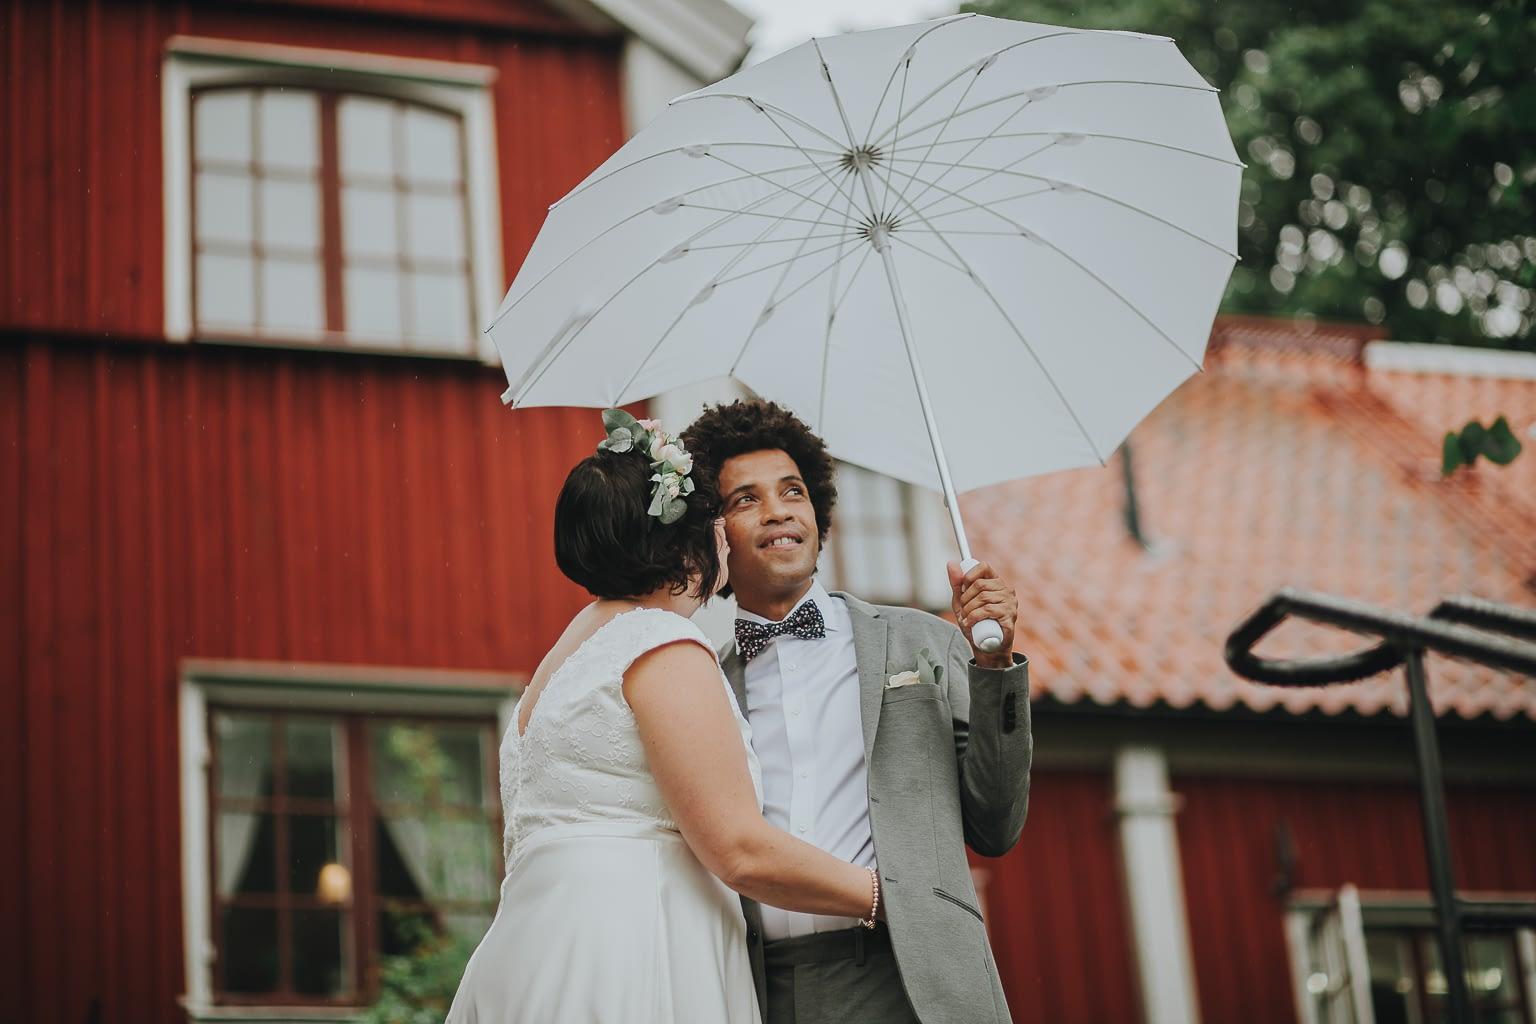 séance photo originale avec parapluies les jeunes mariés un jour de pluie